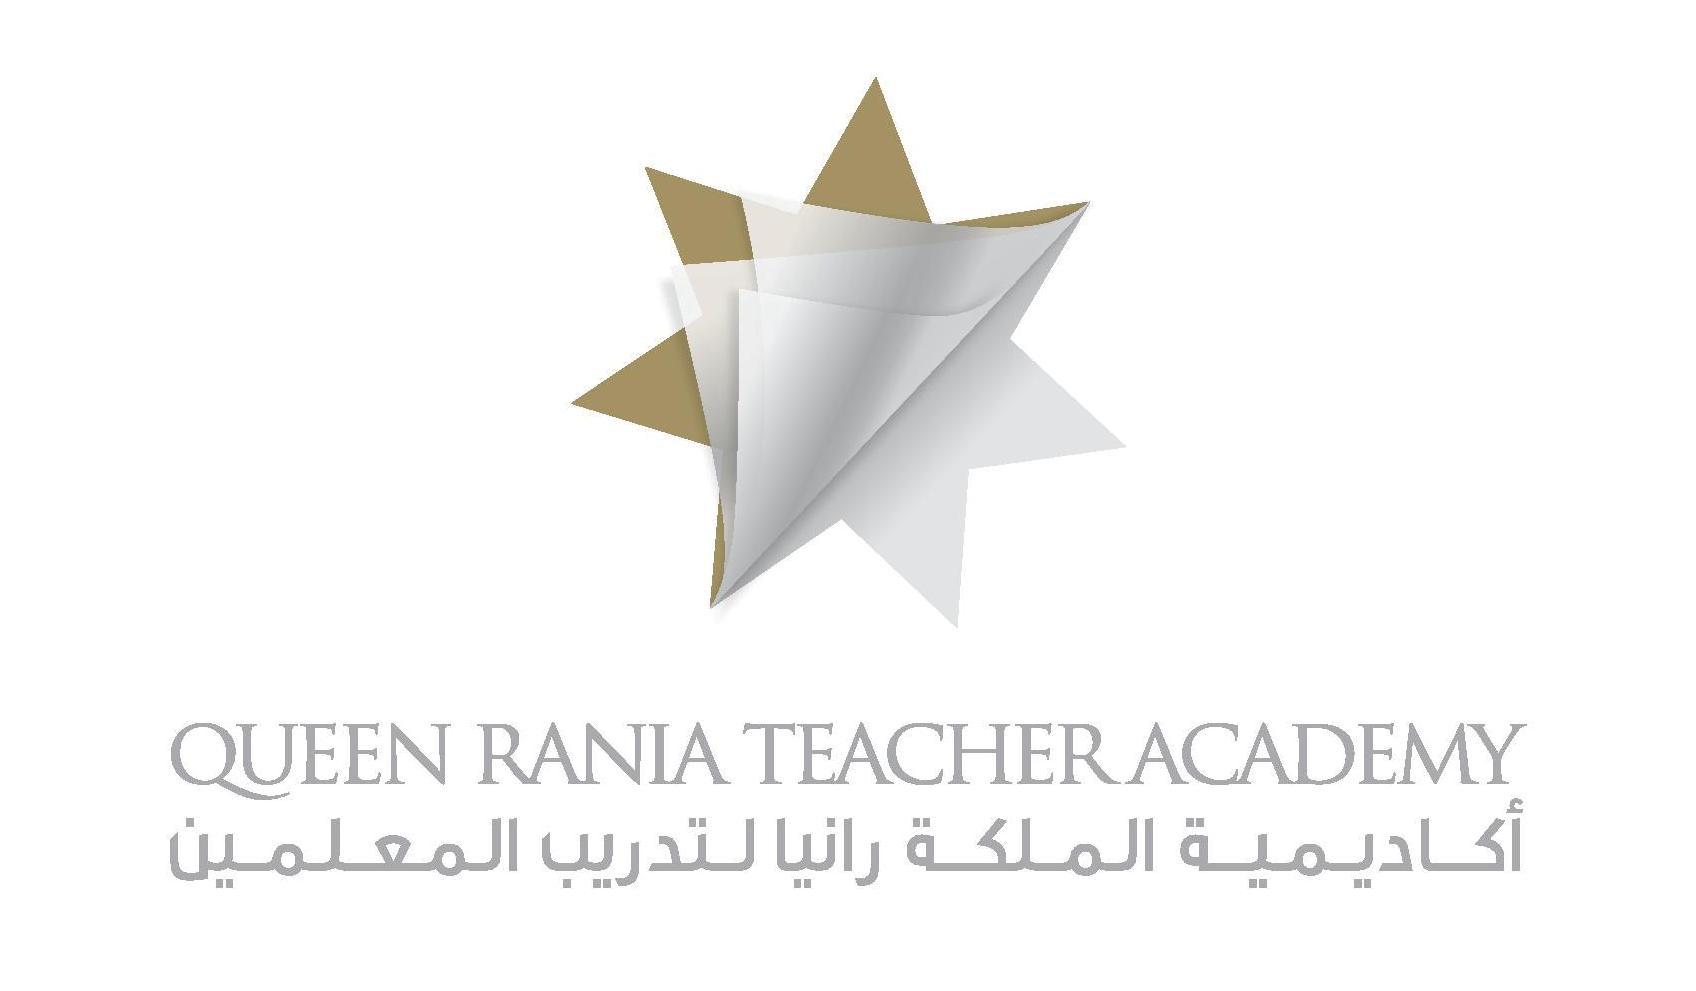 Queen Rania Teacher Academy